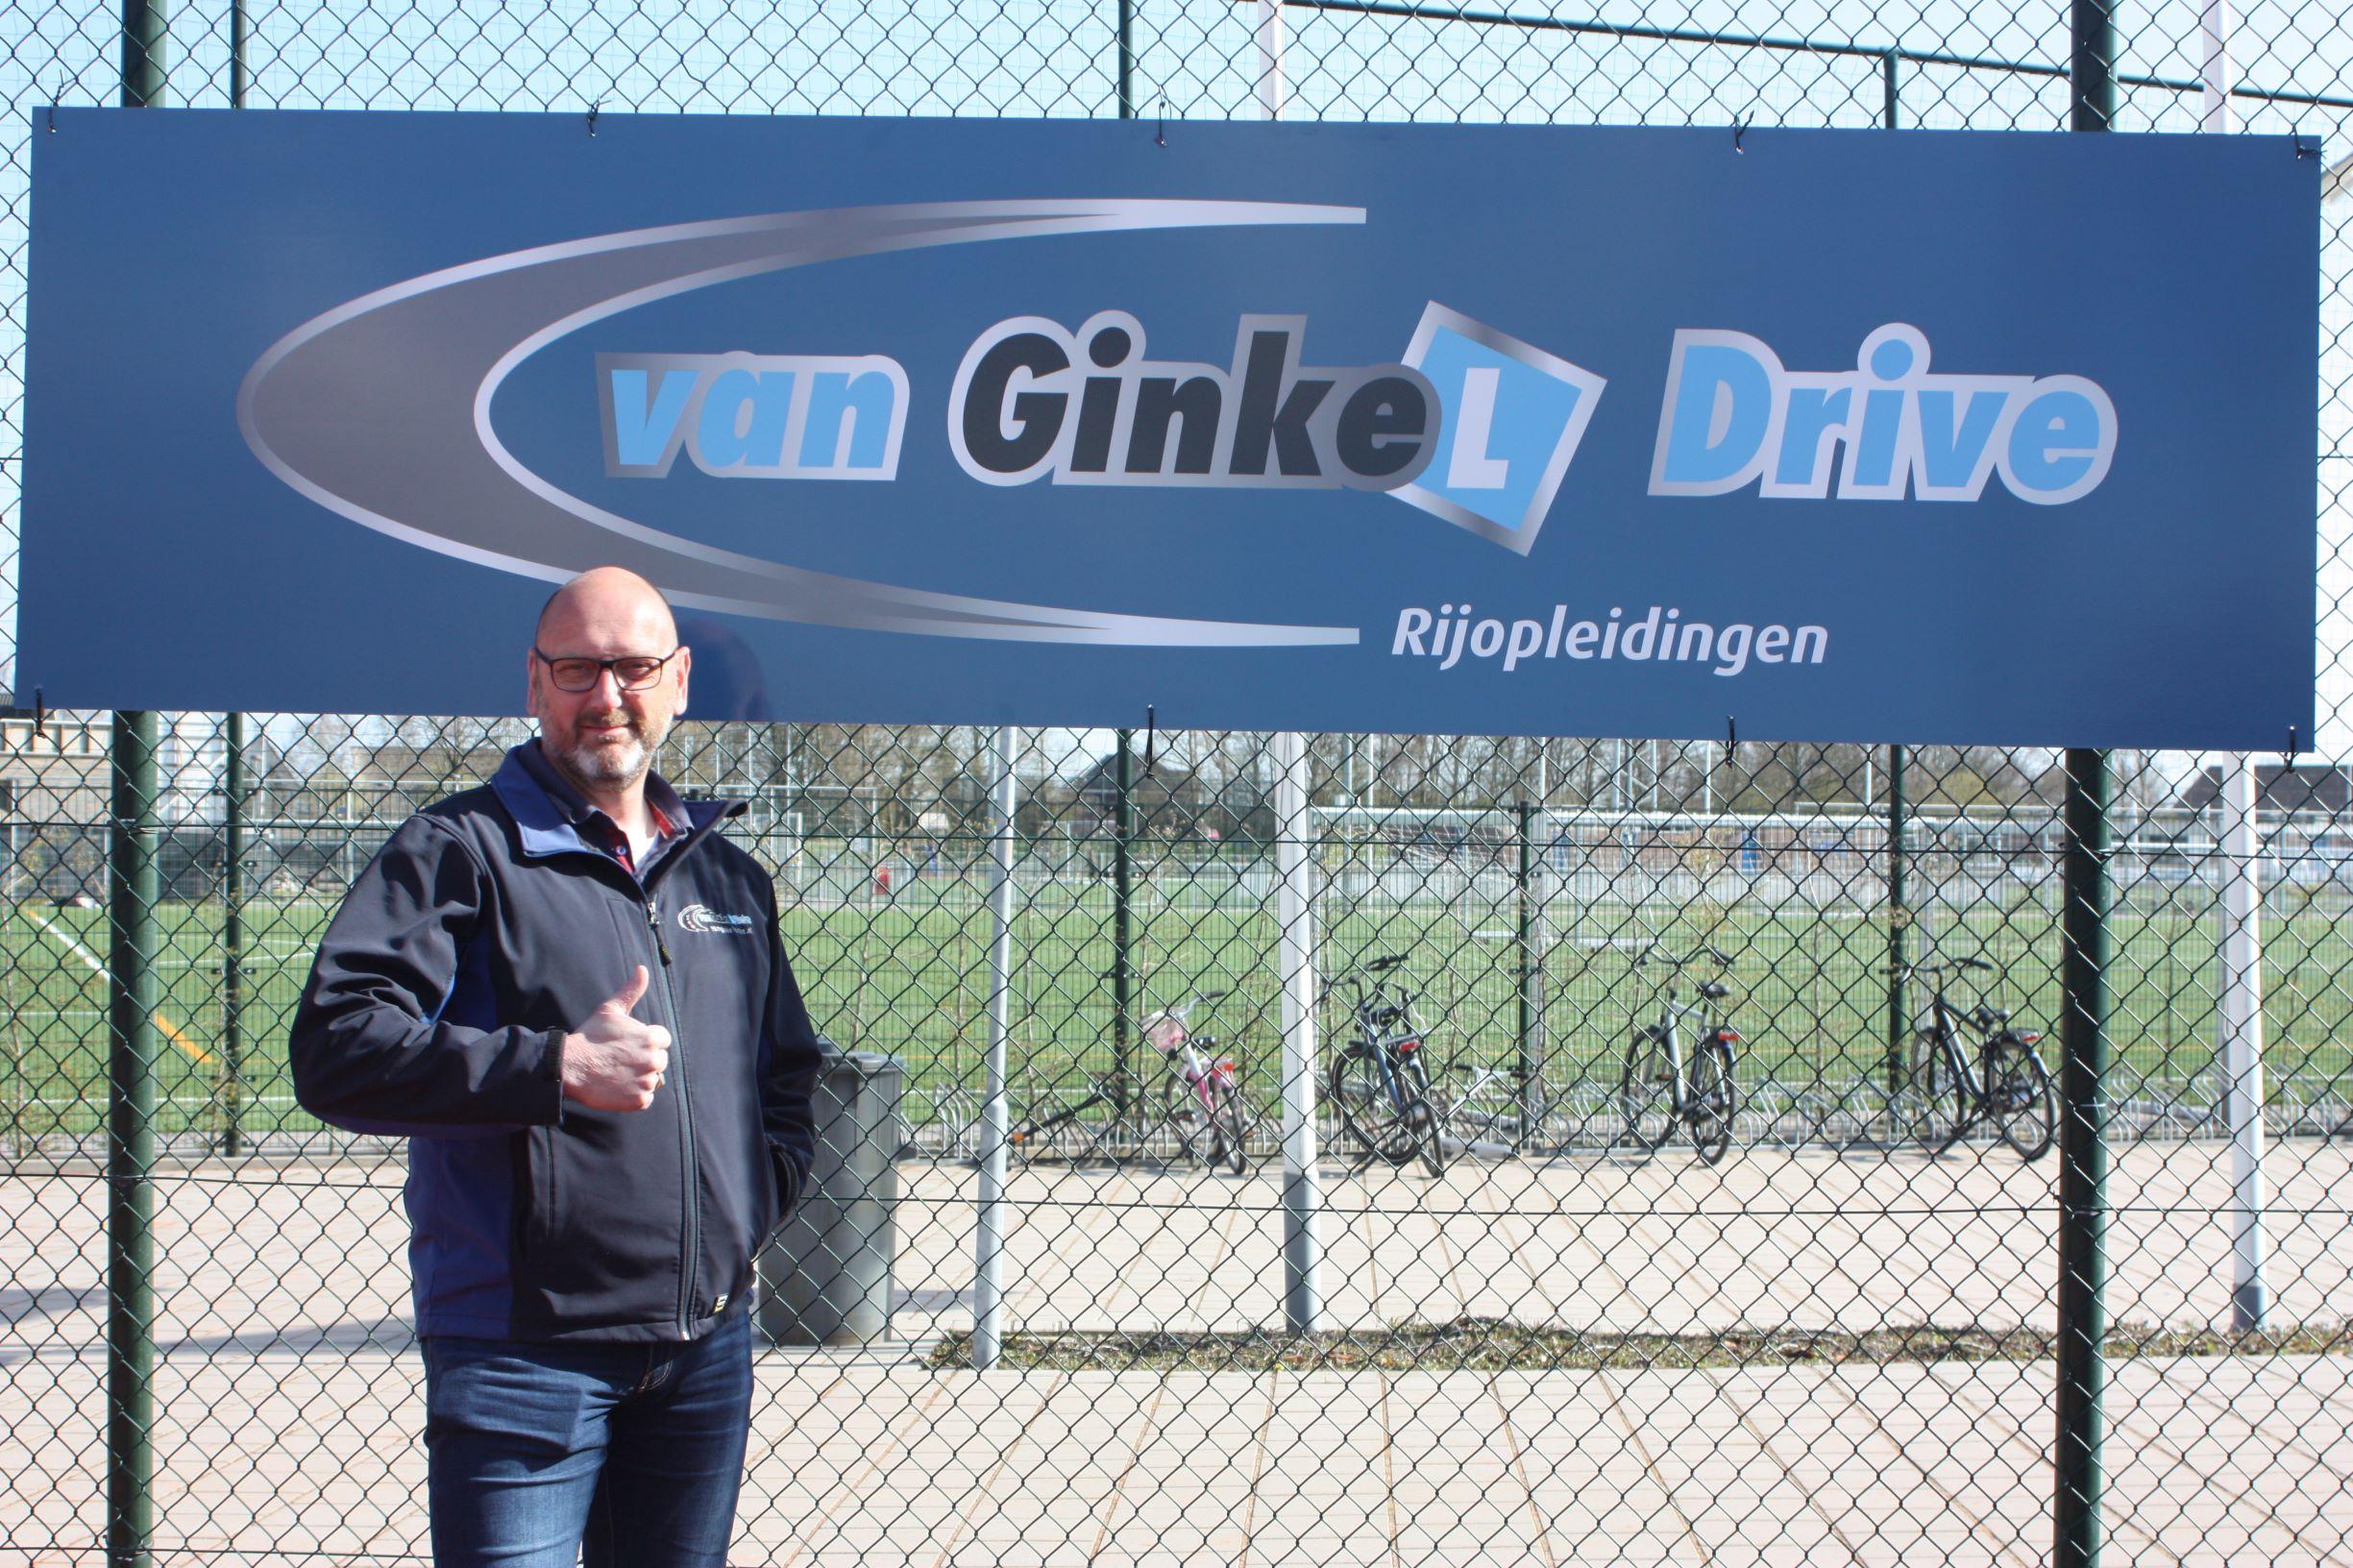 Van Ginkel Drive is de trotste sponsor van TVTA